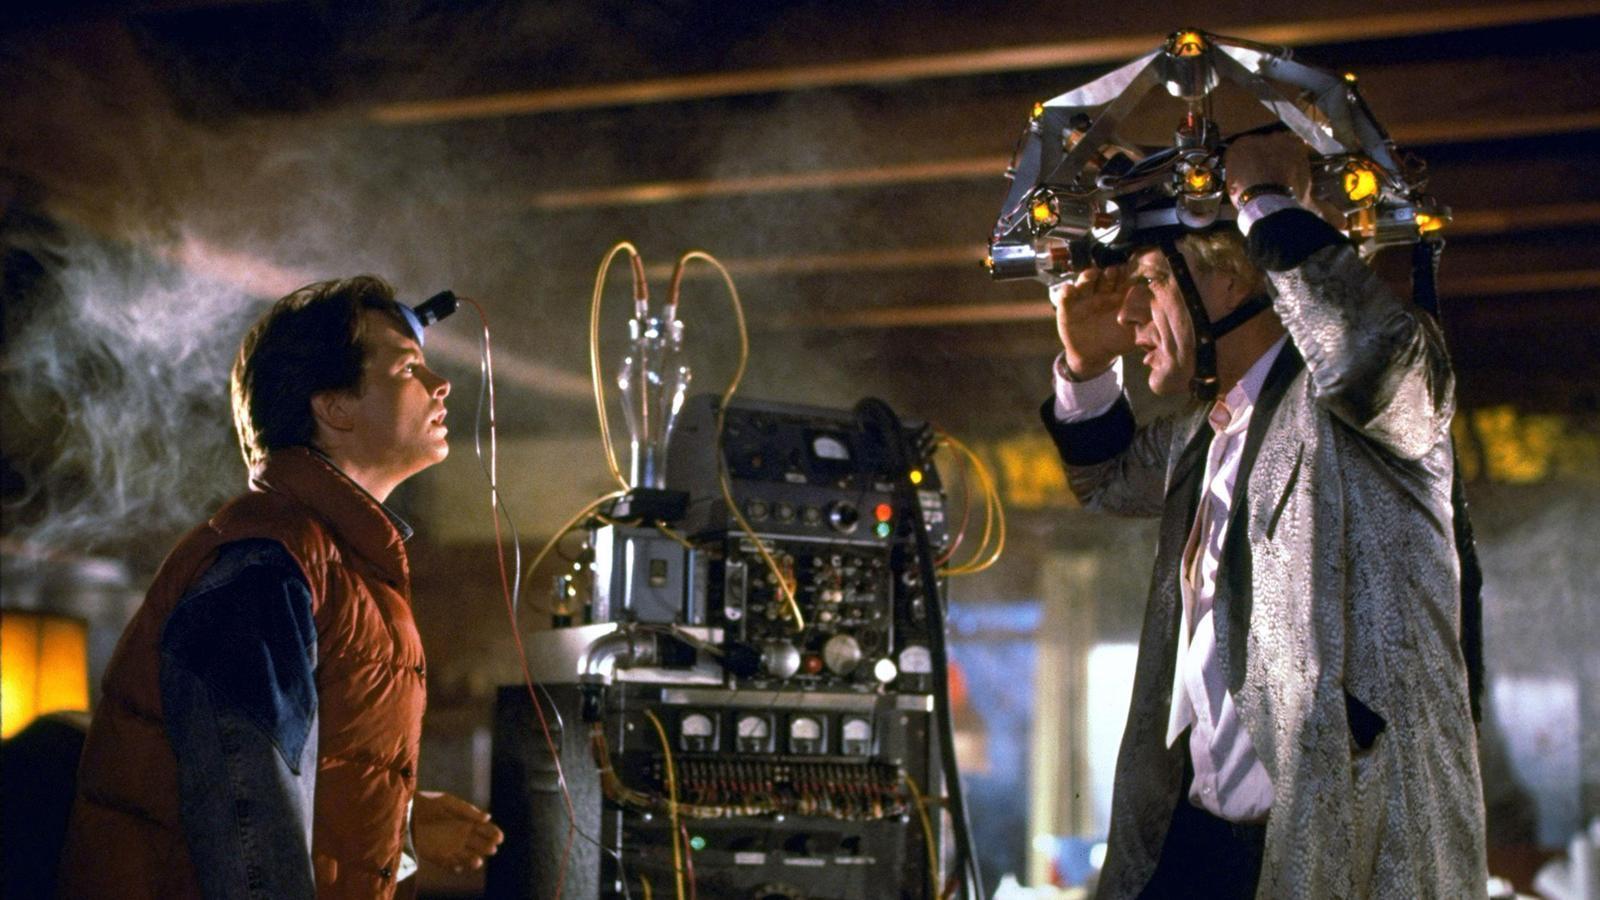 #经典看电影#一部80年代最伟大的电影,看多少遍都不腻的科幻片,脑洞太大